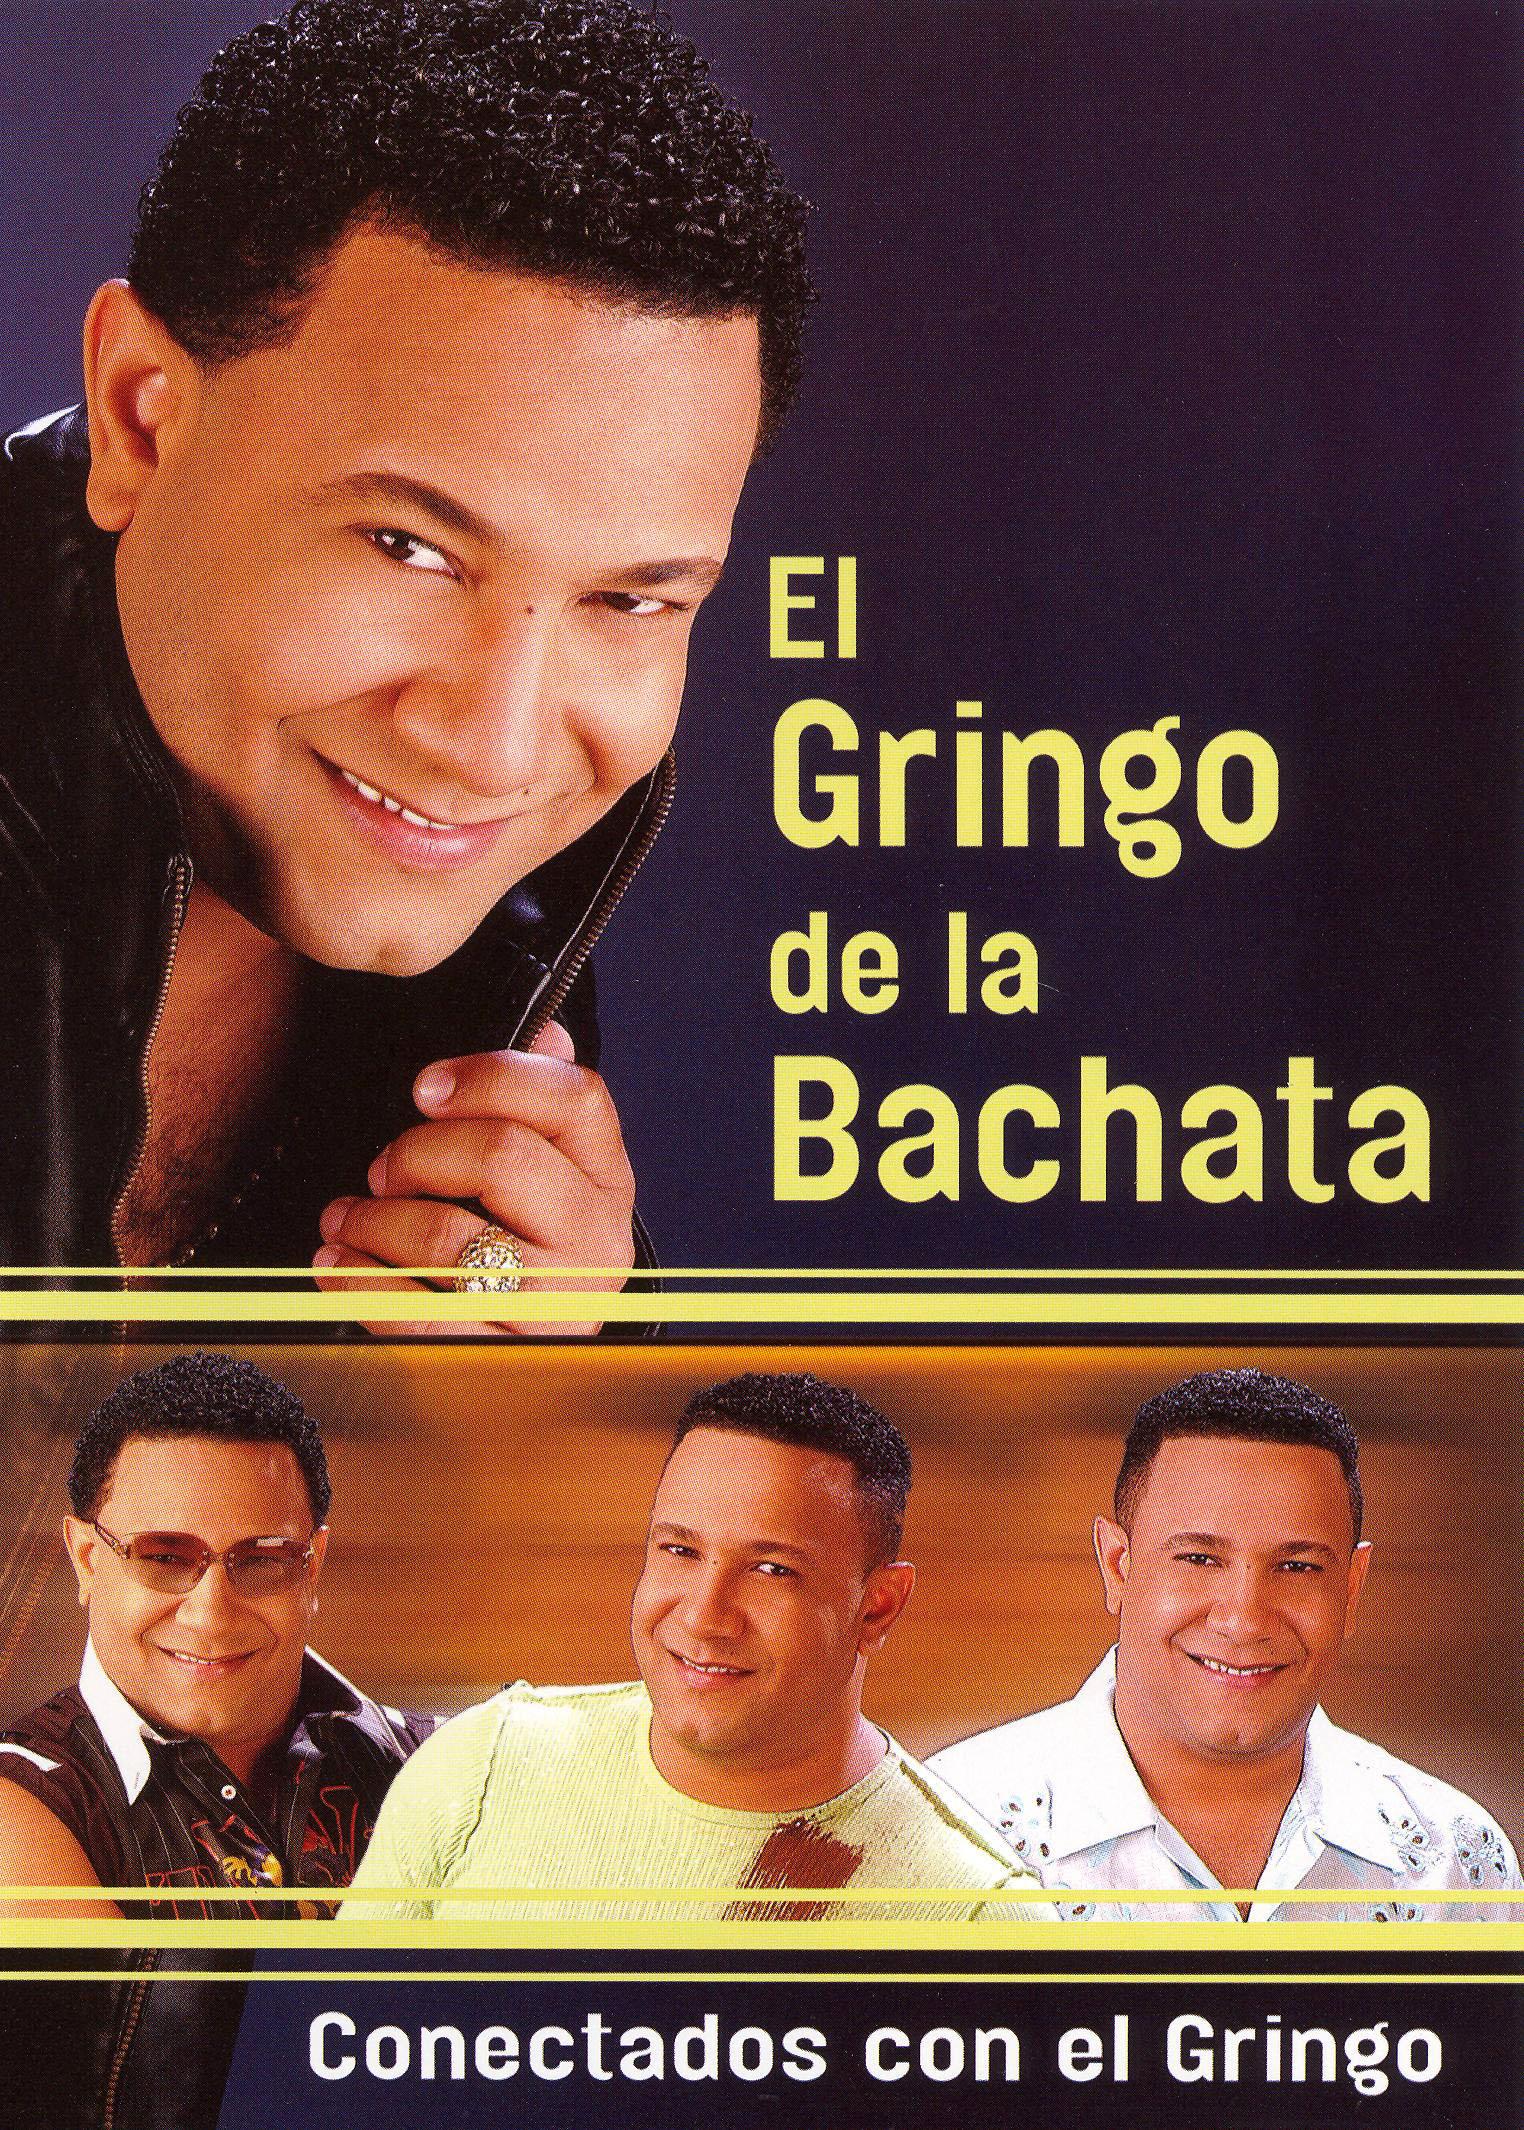 El Gringo de la Bachata: Conectados Con el Gringo